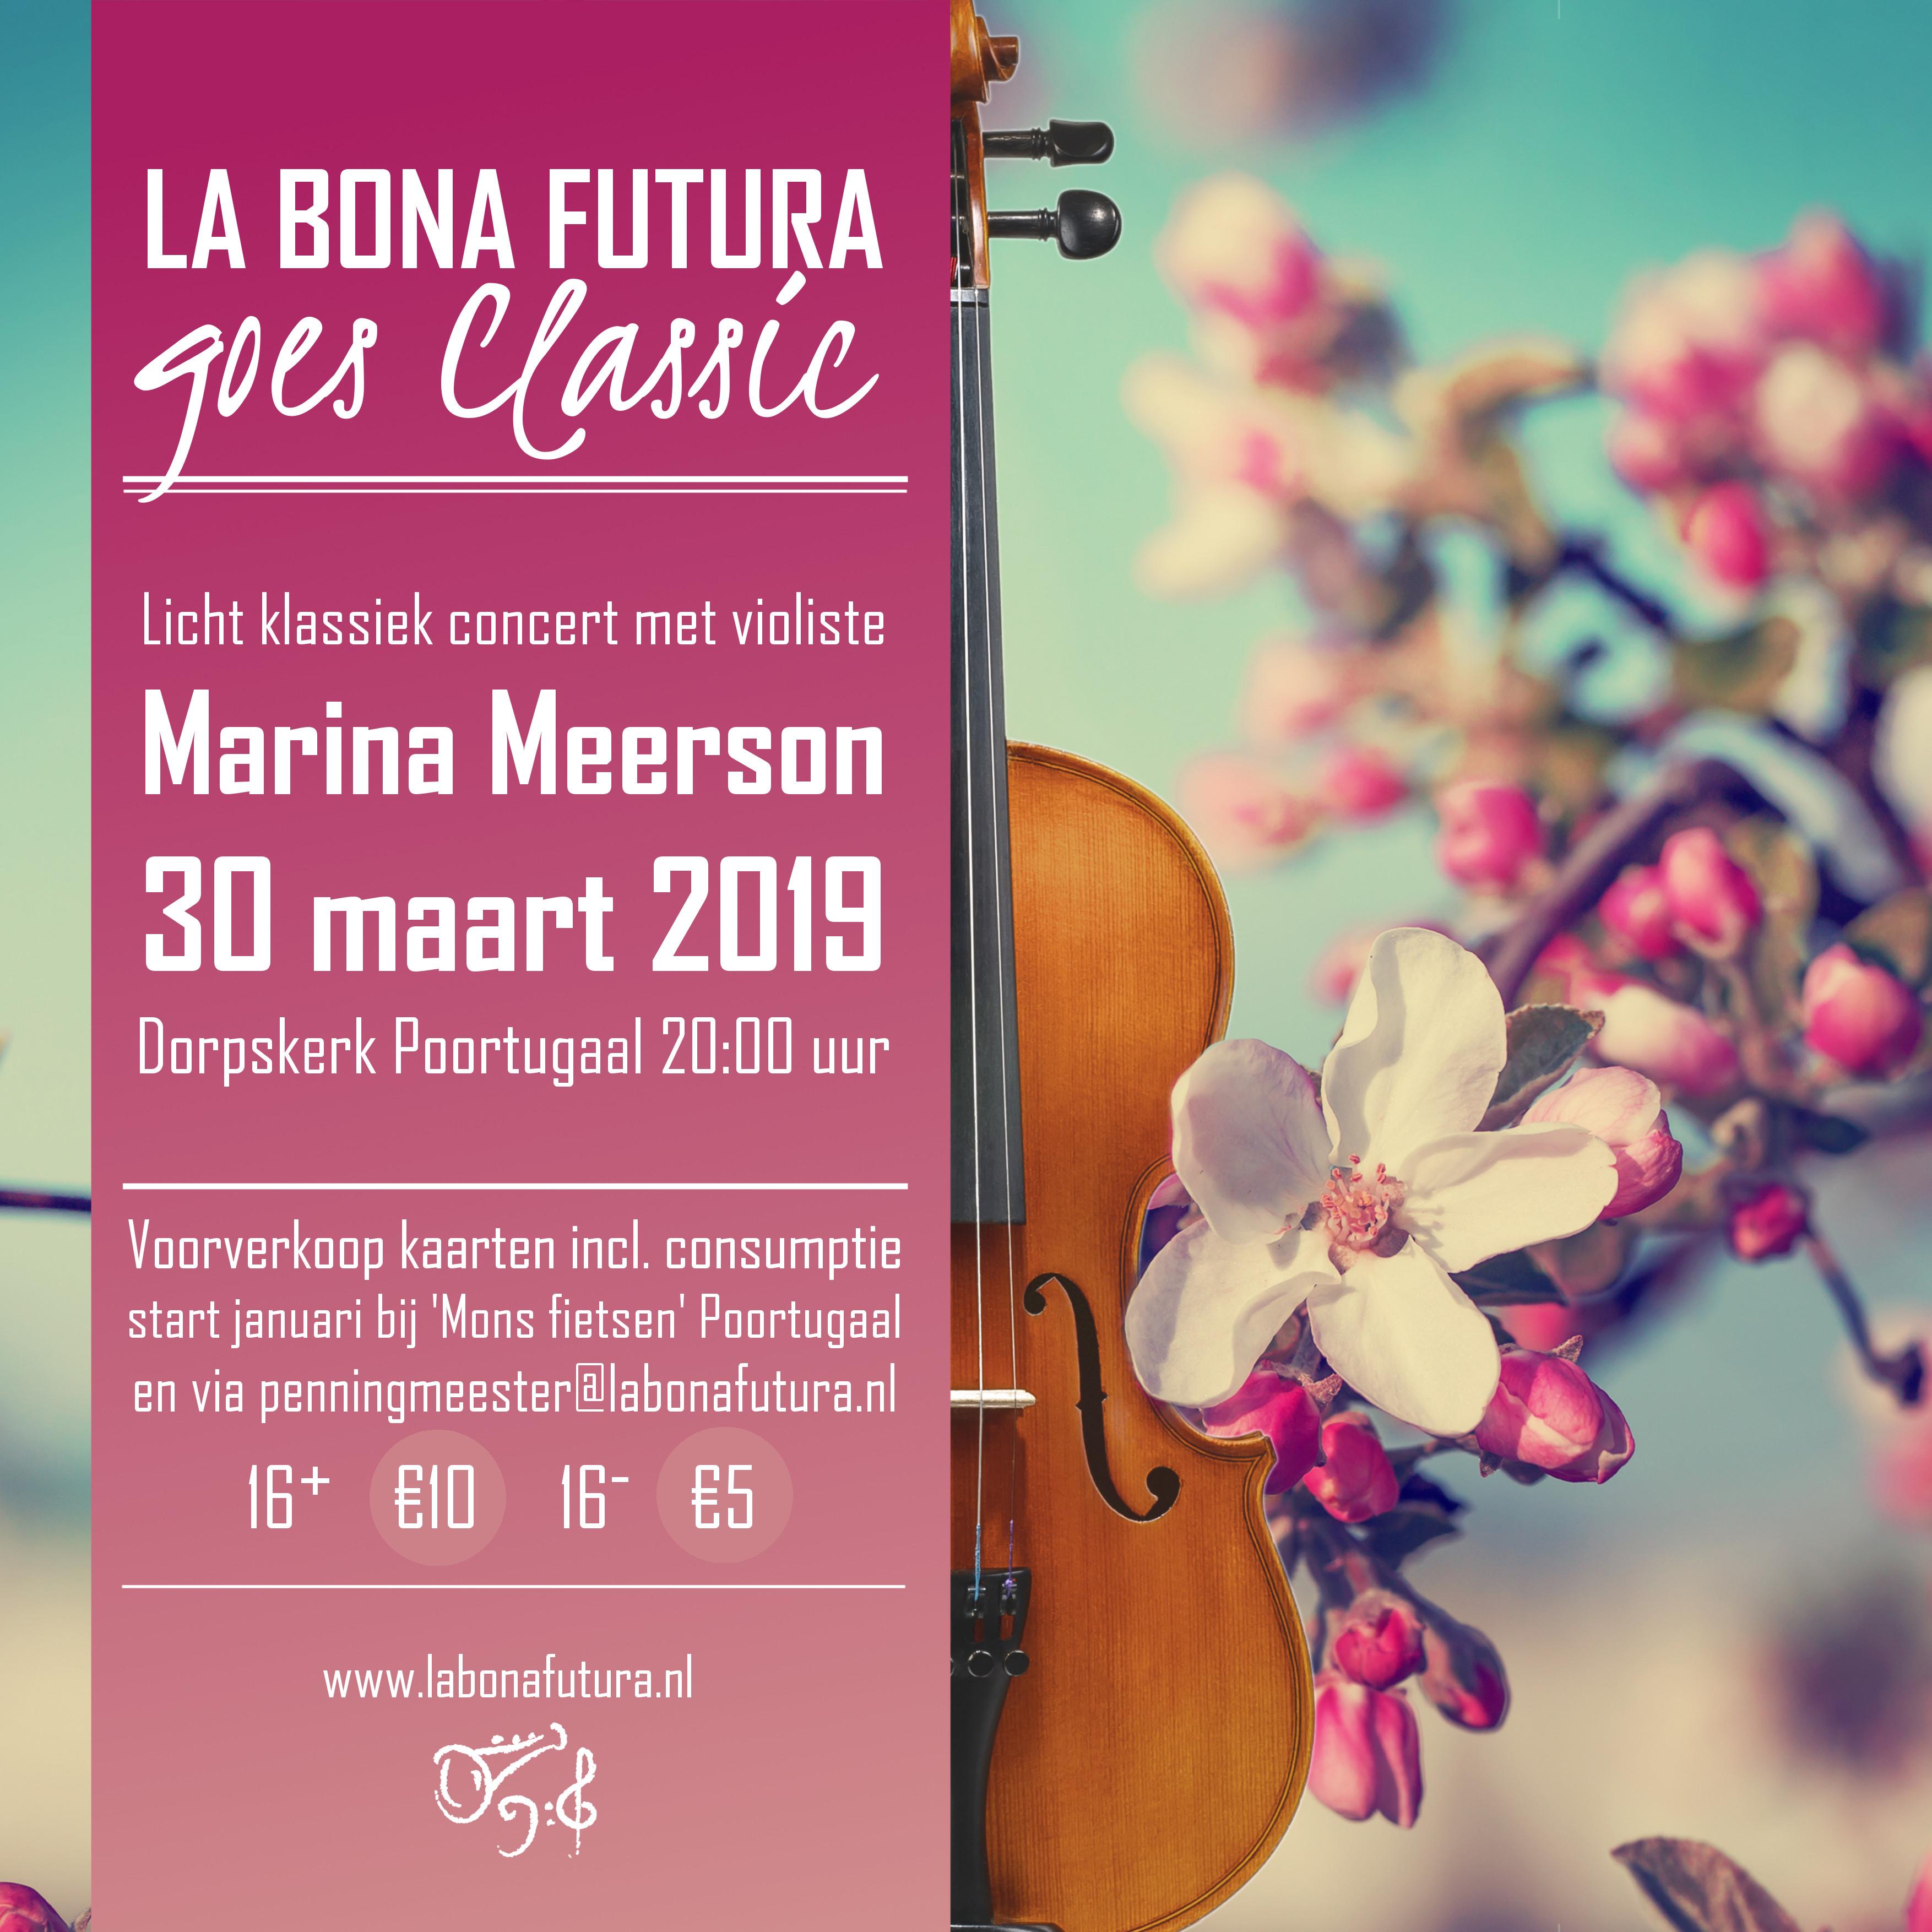 La Bona Futura Poortugaal 9-30 maart